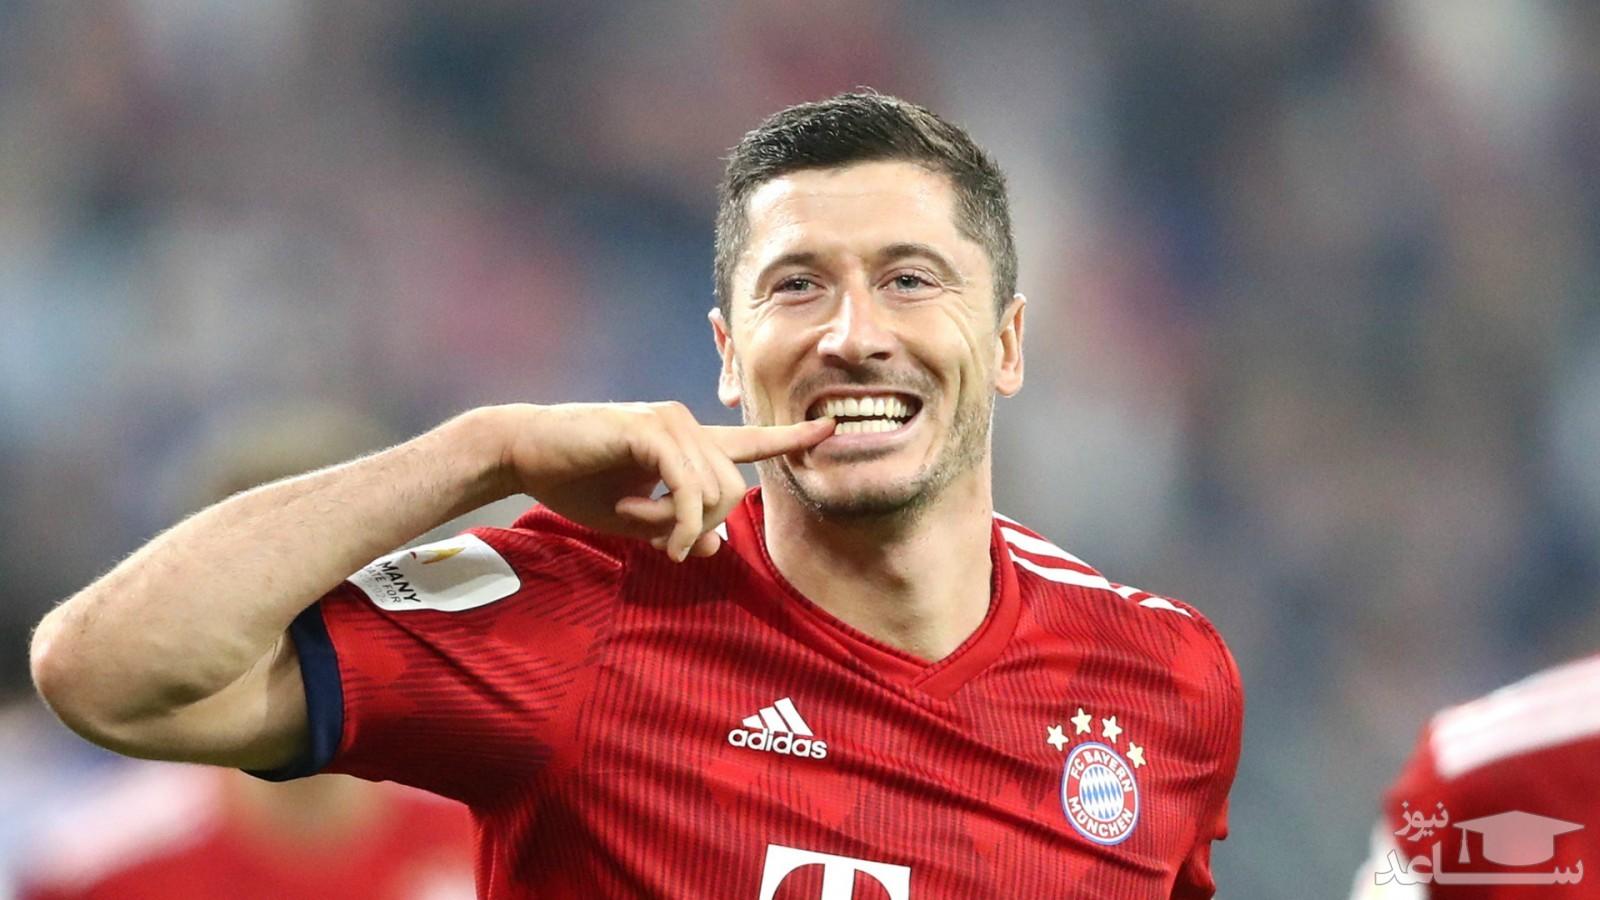 برترین بازیکن جهان از نگاه گل انتخاب شد